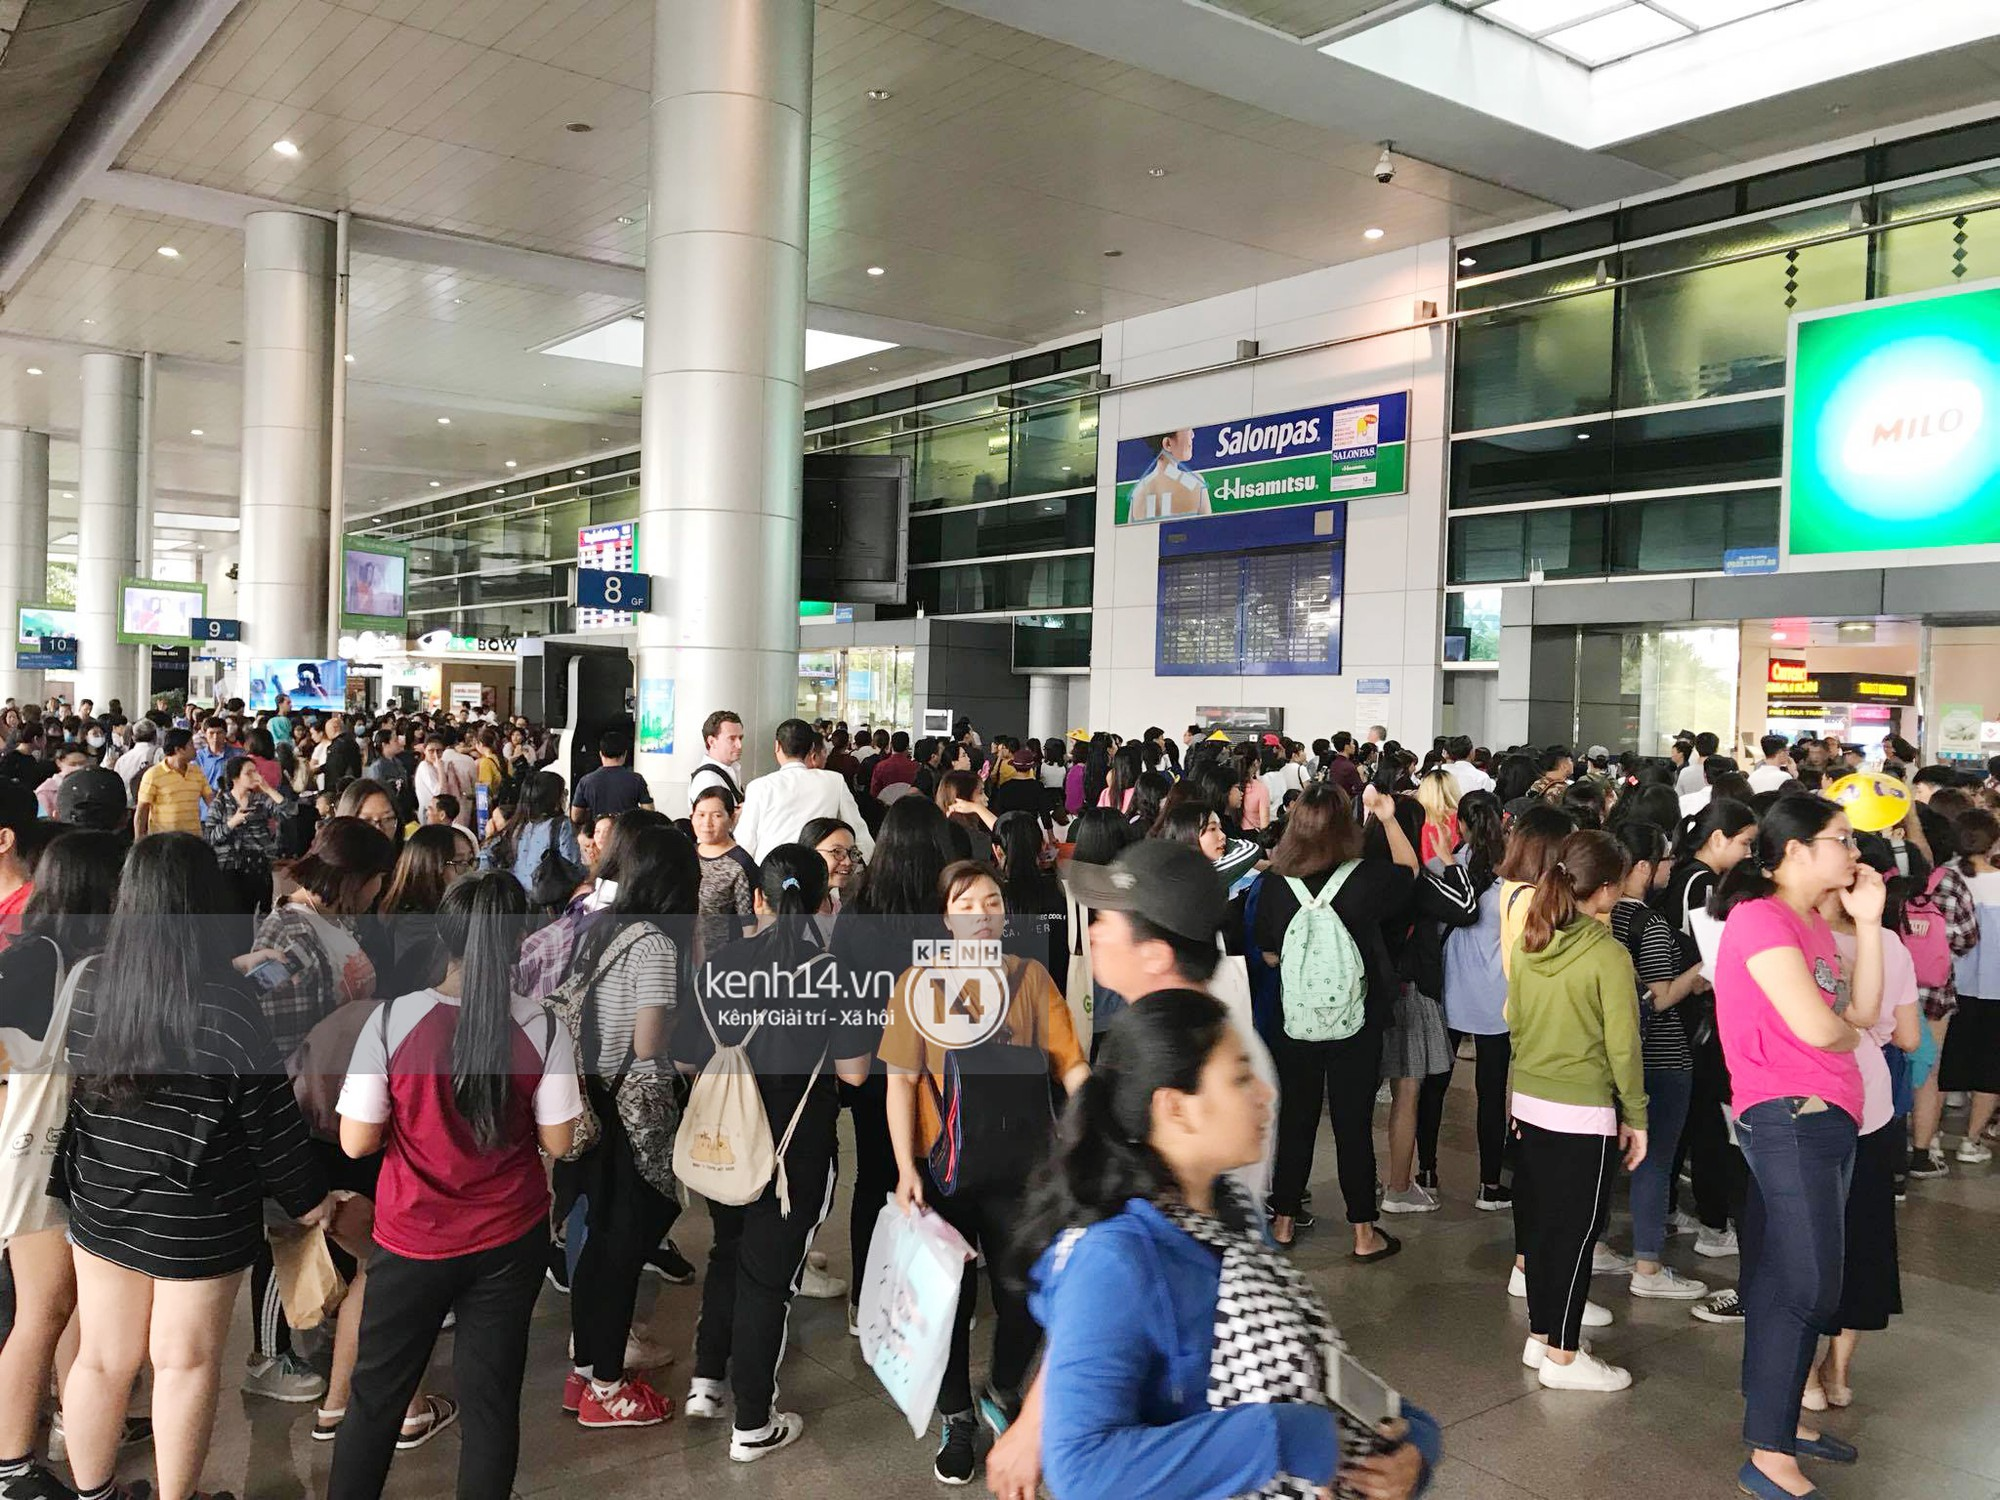 Fan Việt chiếm đóng nửa sân bay Tân Sơn Nhất chỉ để đón chờ WANNA ONE - Ảnh 3.